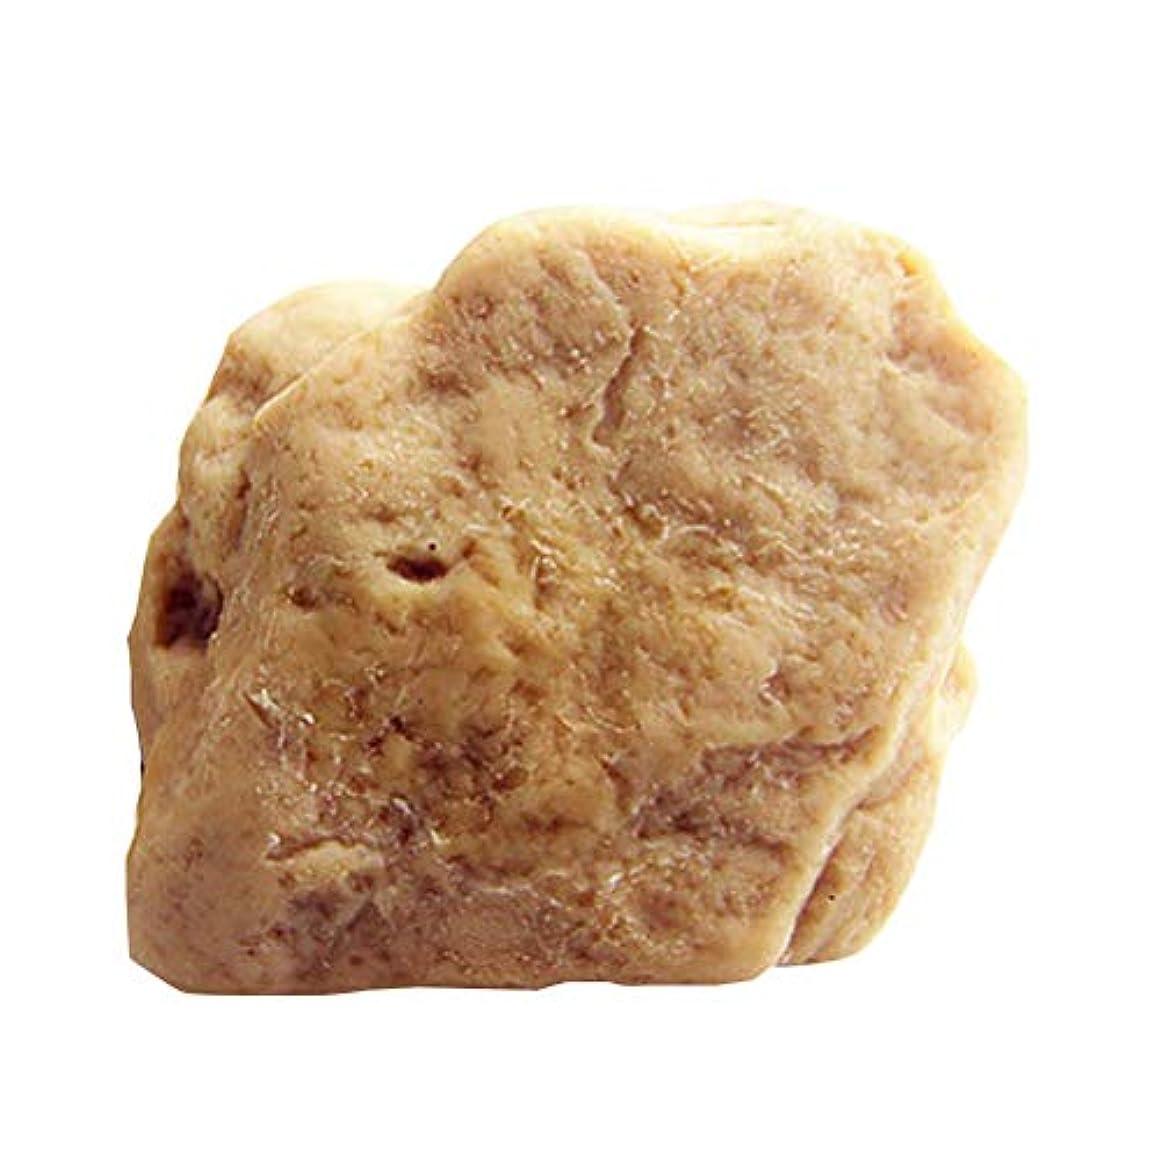 手つかずのシーズン地下室supbel 洗顔石鹸 石鹸 洗顔用石鹸 保湿 洗顔 オリーブオイル入り 美白 毛穴 黒ずみ用 自然乾燥仕上げ 美肌 シャワー用